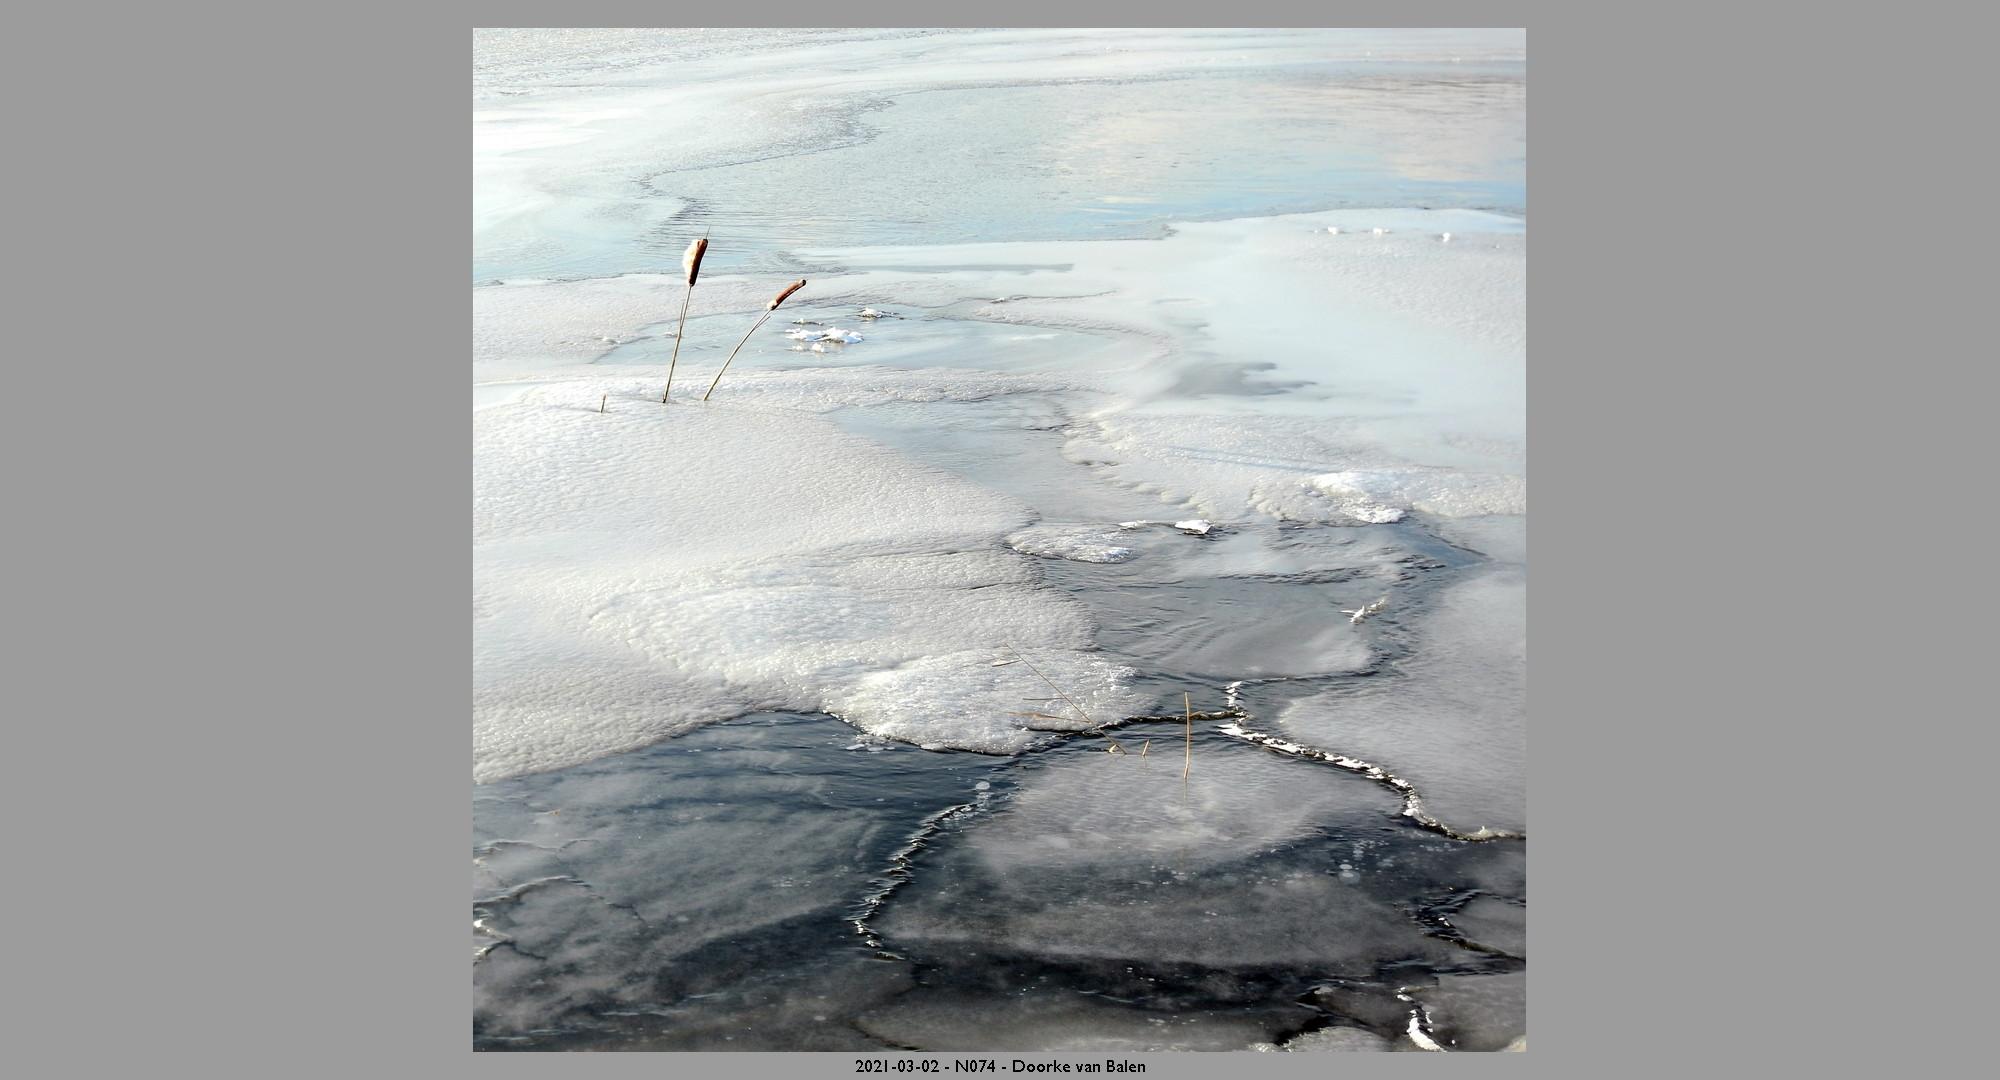 2021-03-02-N074-Doorke-van-Balen